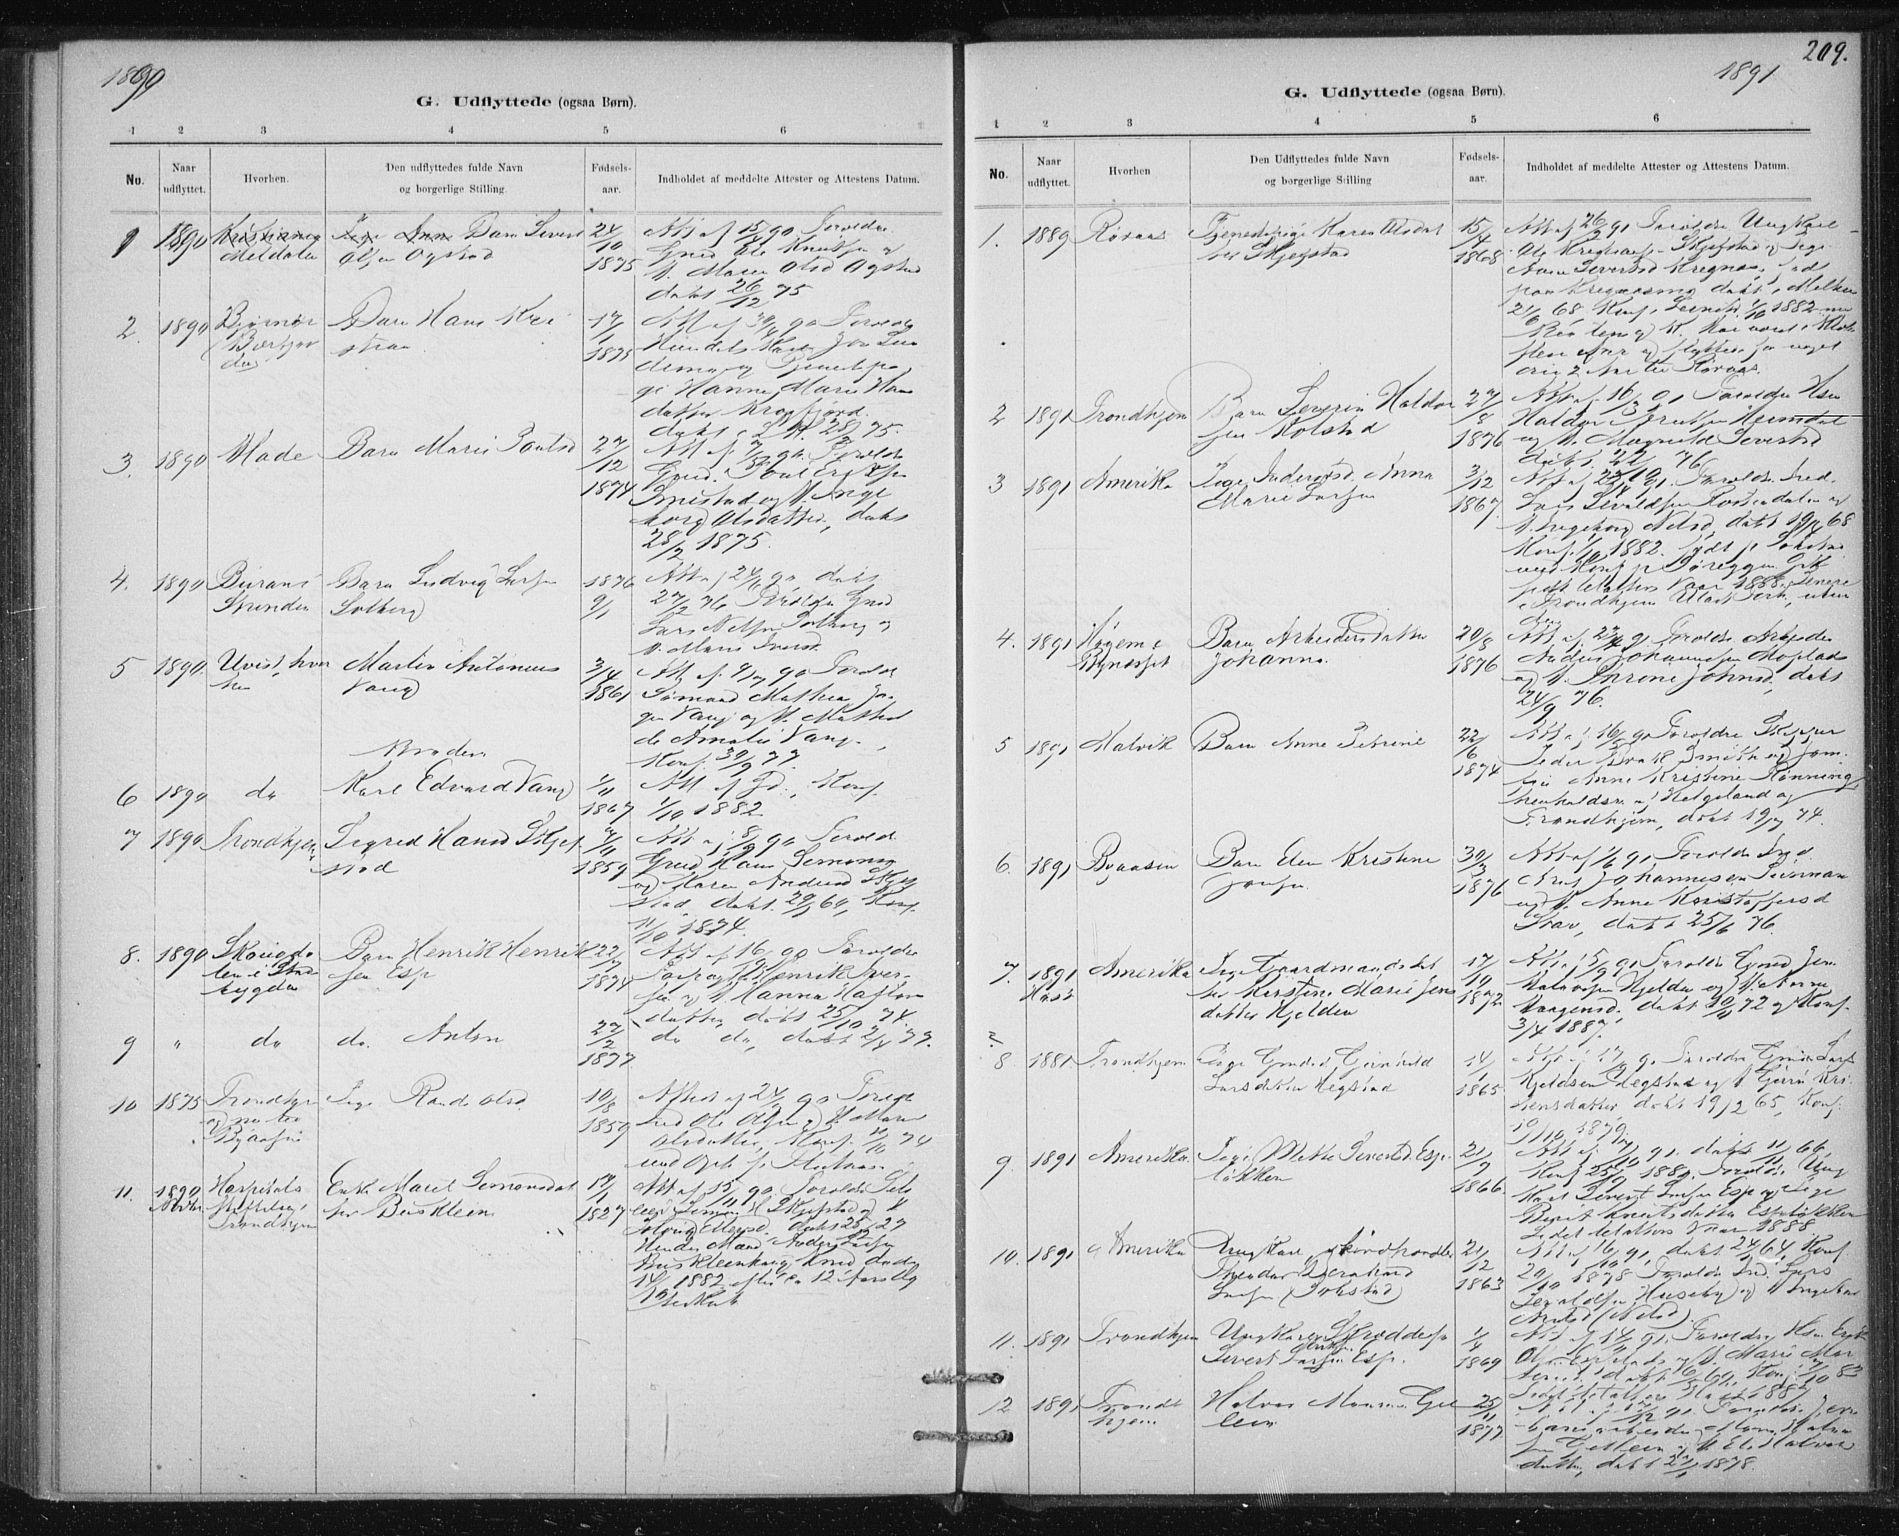 SAT, Ministerialprotokoller, klokkerbøker og fødselsregistre - Sør-Trøndelag, 613/L0392: Ministerialbok nr. 613A01, 1887-1906, s. 209